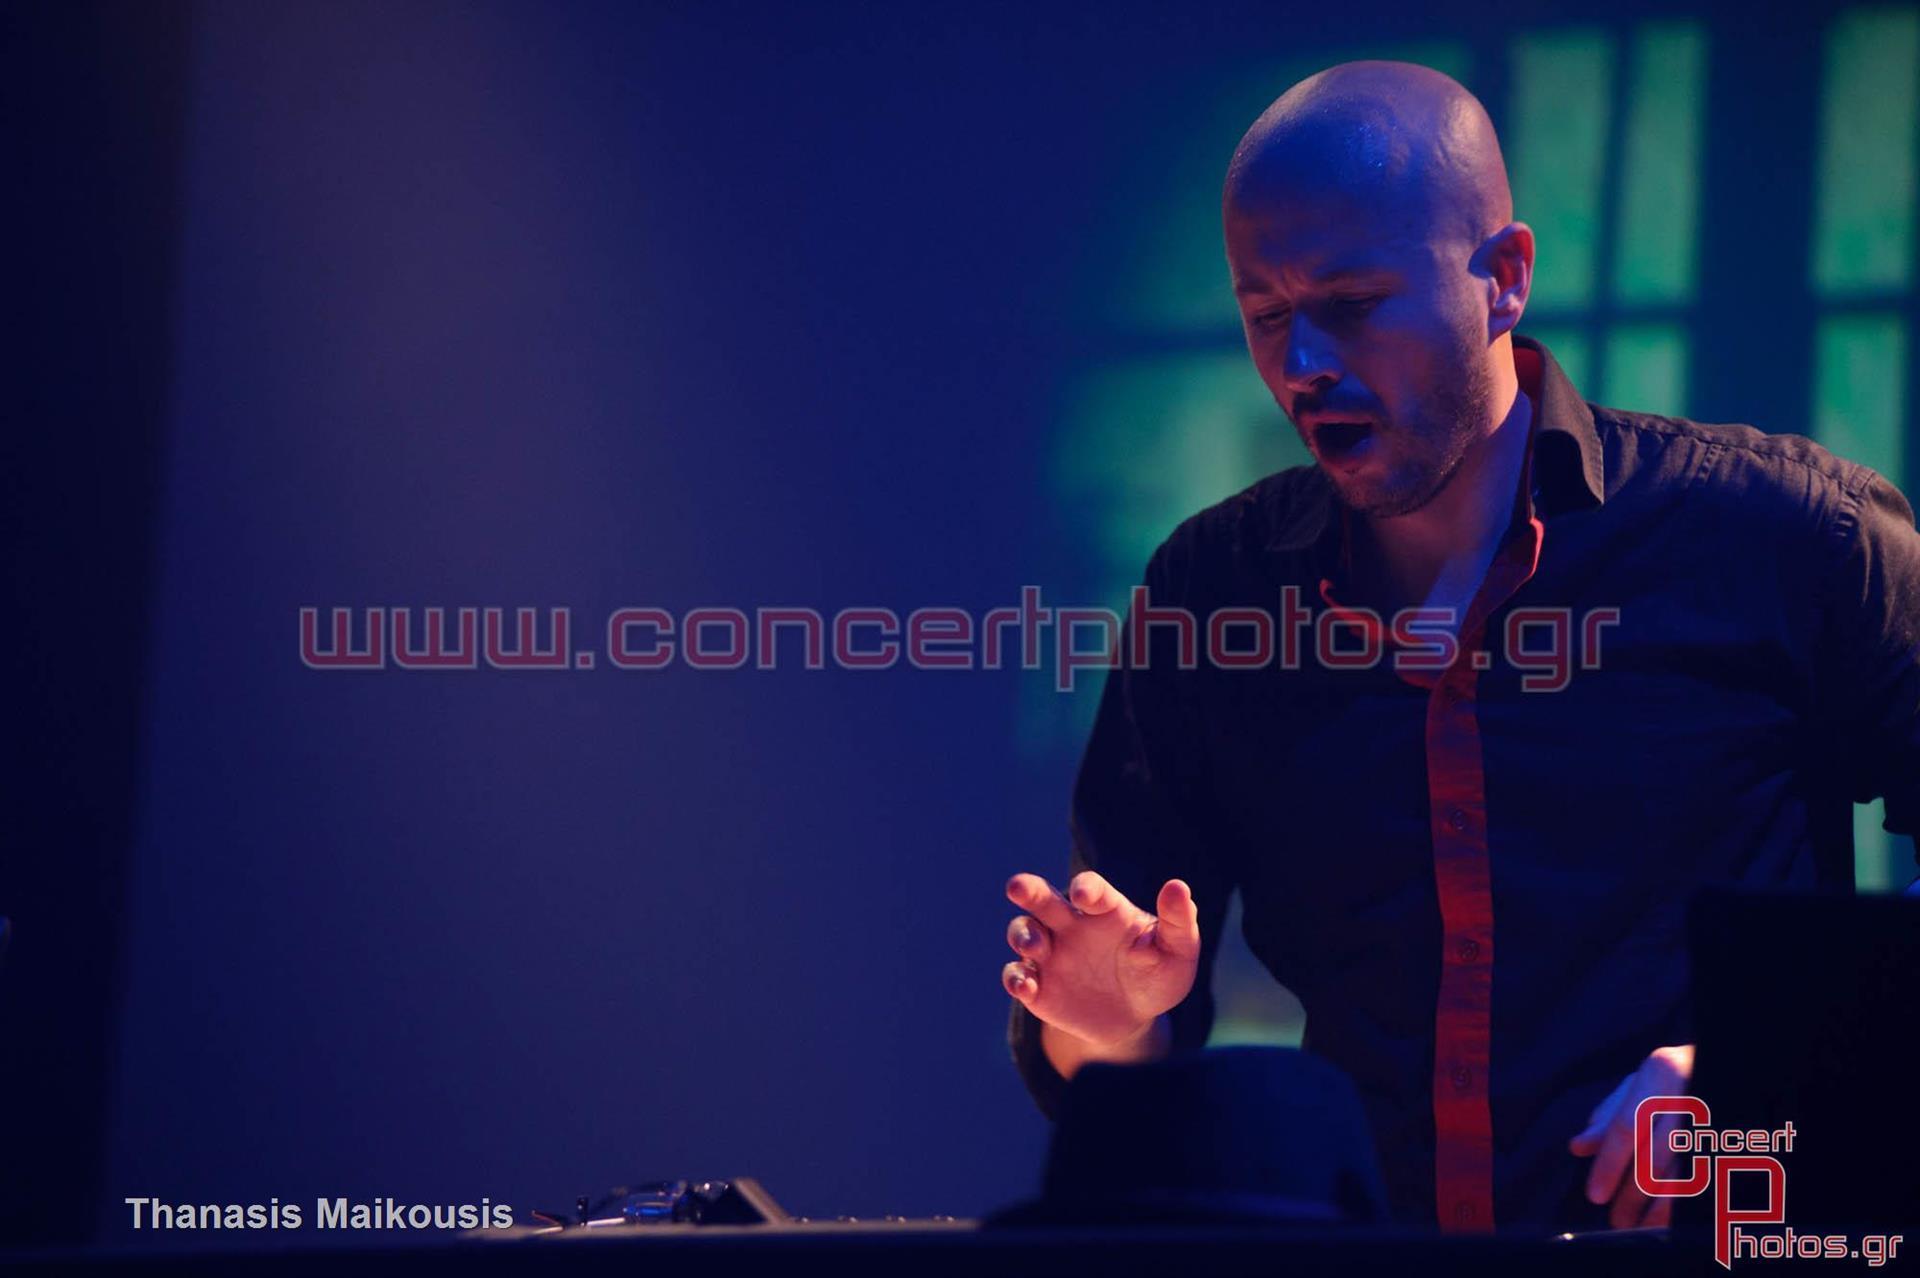 Wax Tailor - photographer: Thanasis Maikousis - ConcertPhotos-7905